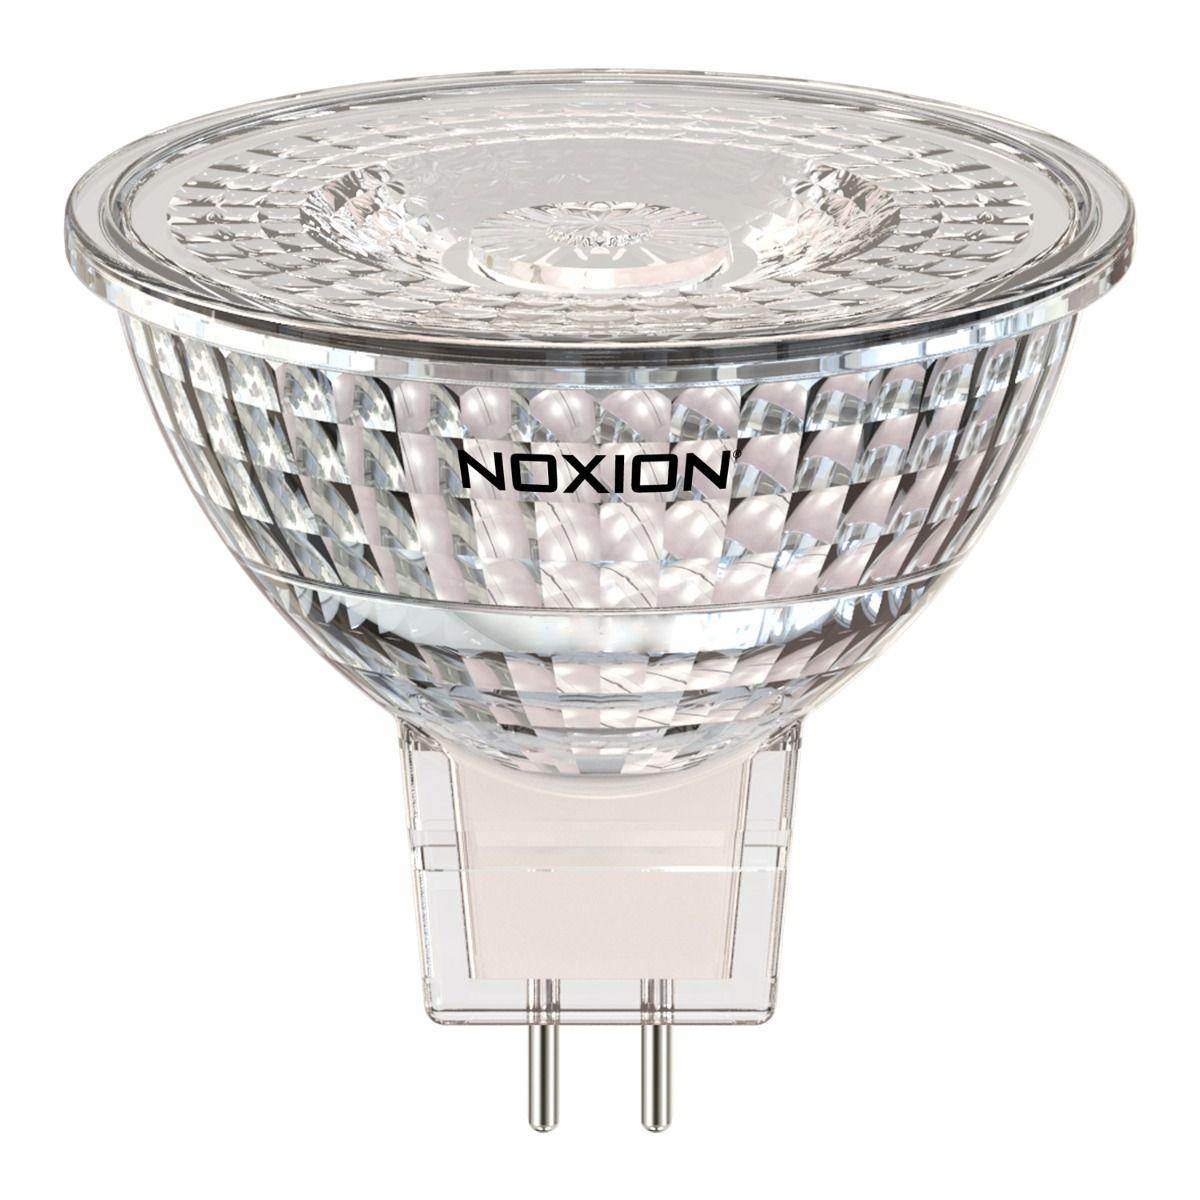 Noxion Foco LED GU5.3 4.5W 840 36D 410lm   Blanco Frio - Reemplazo 35W